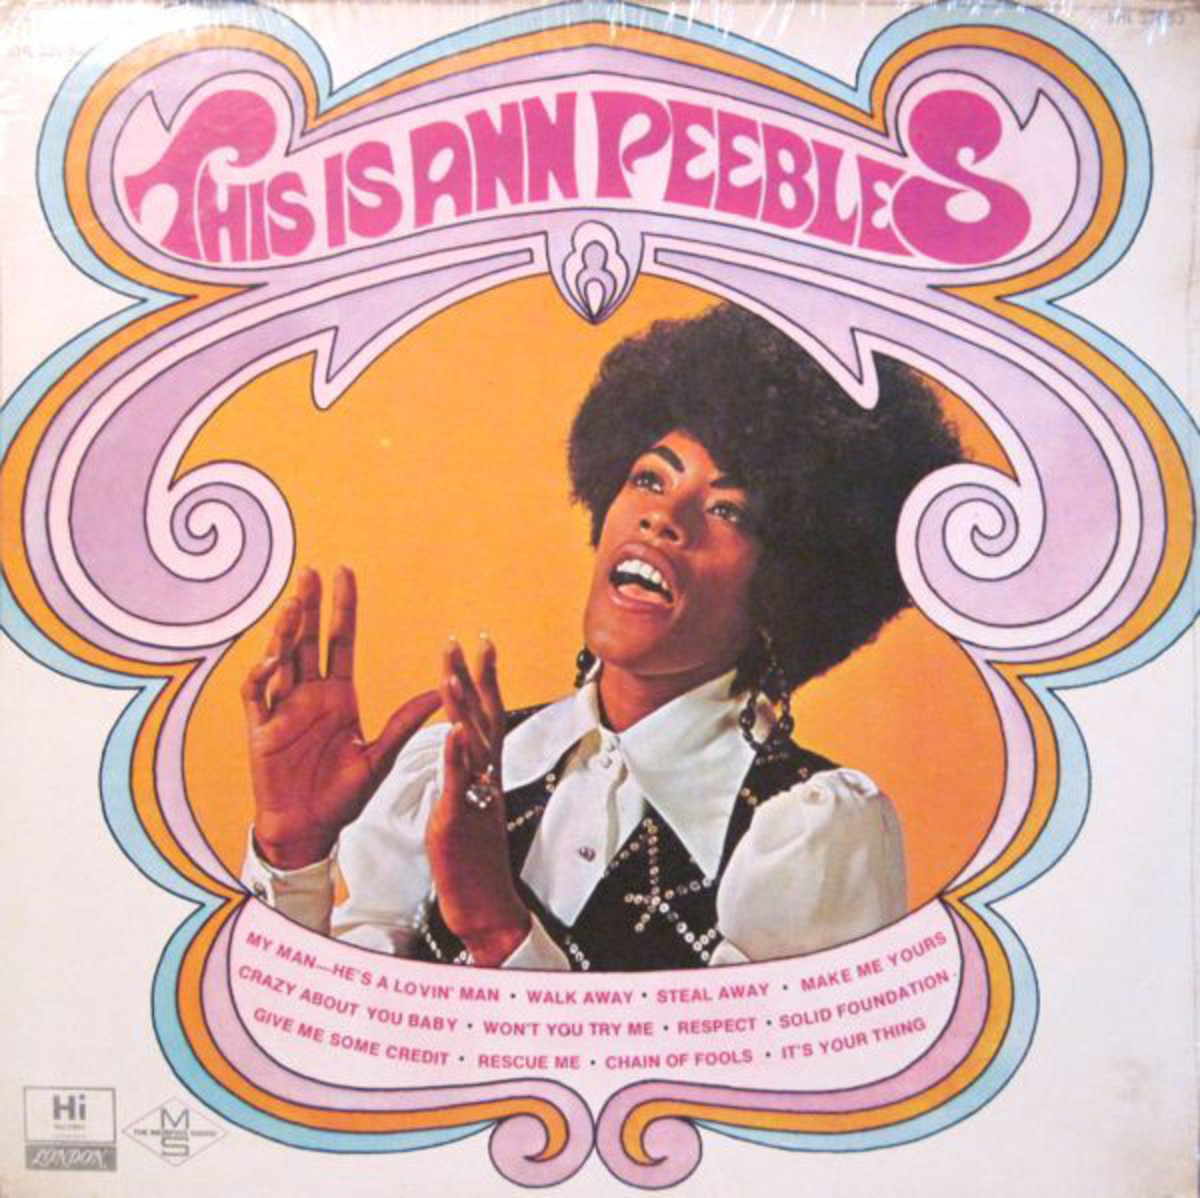 Ann Peebles — This Is Ann Peebles